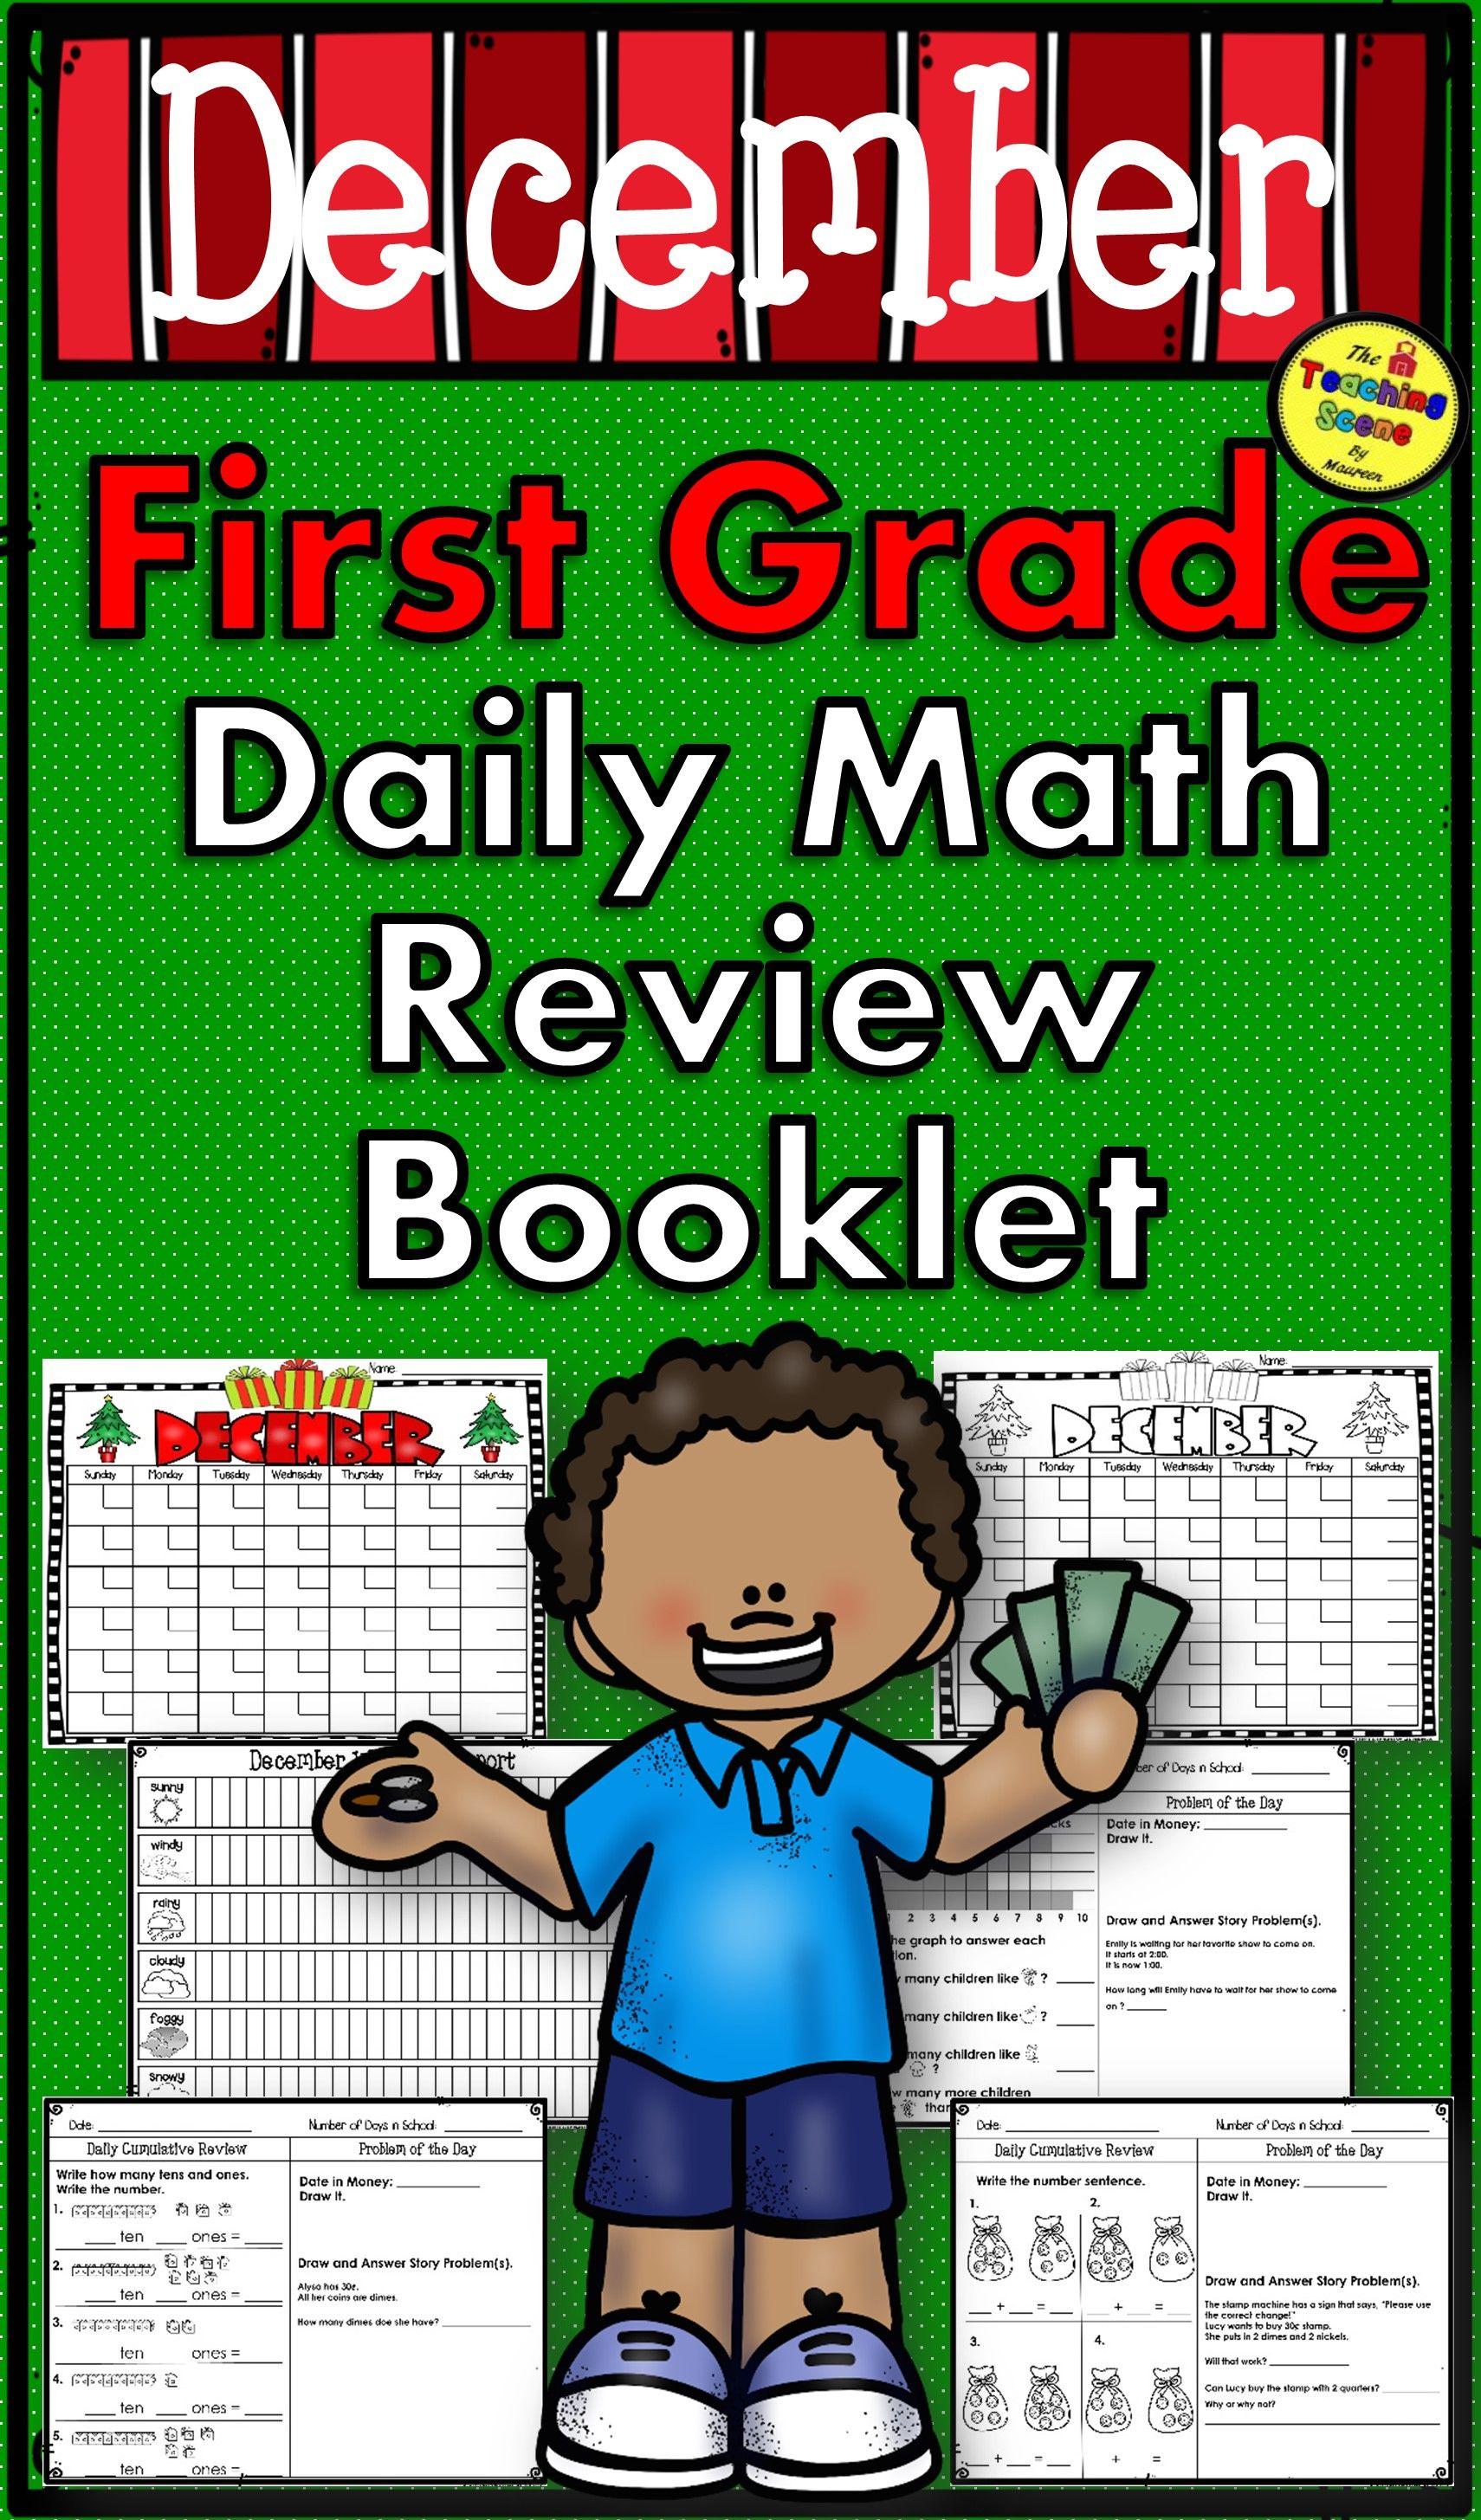 First Grade Daily Calendar Amp Math Review Booklet December